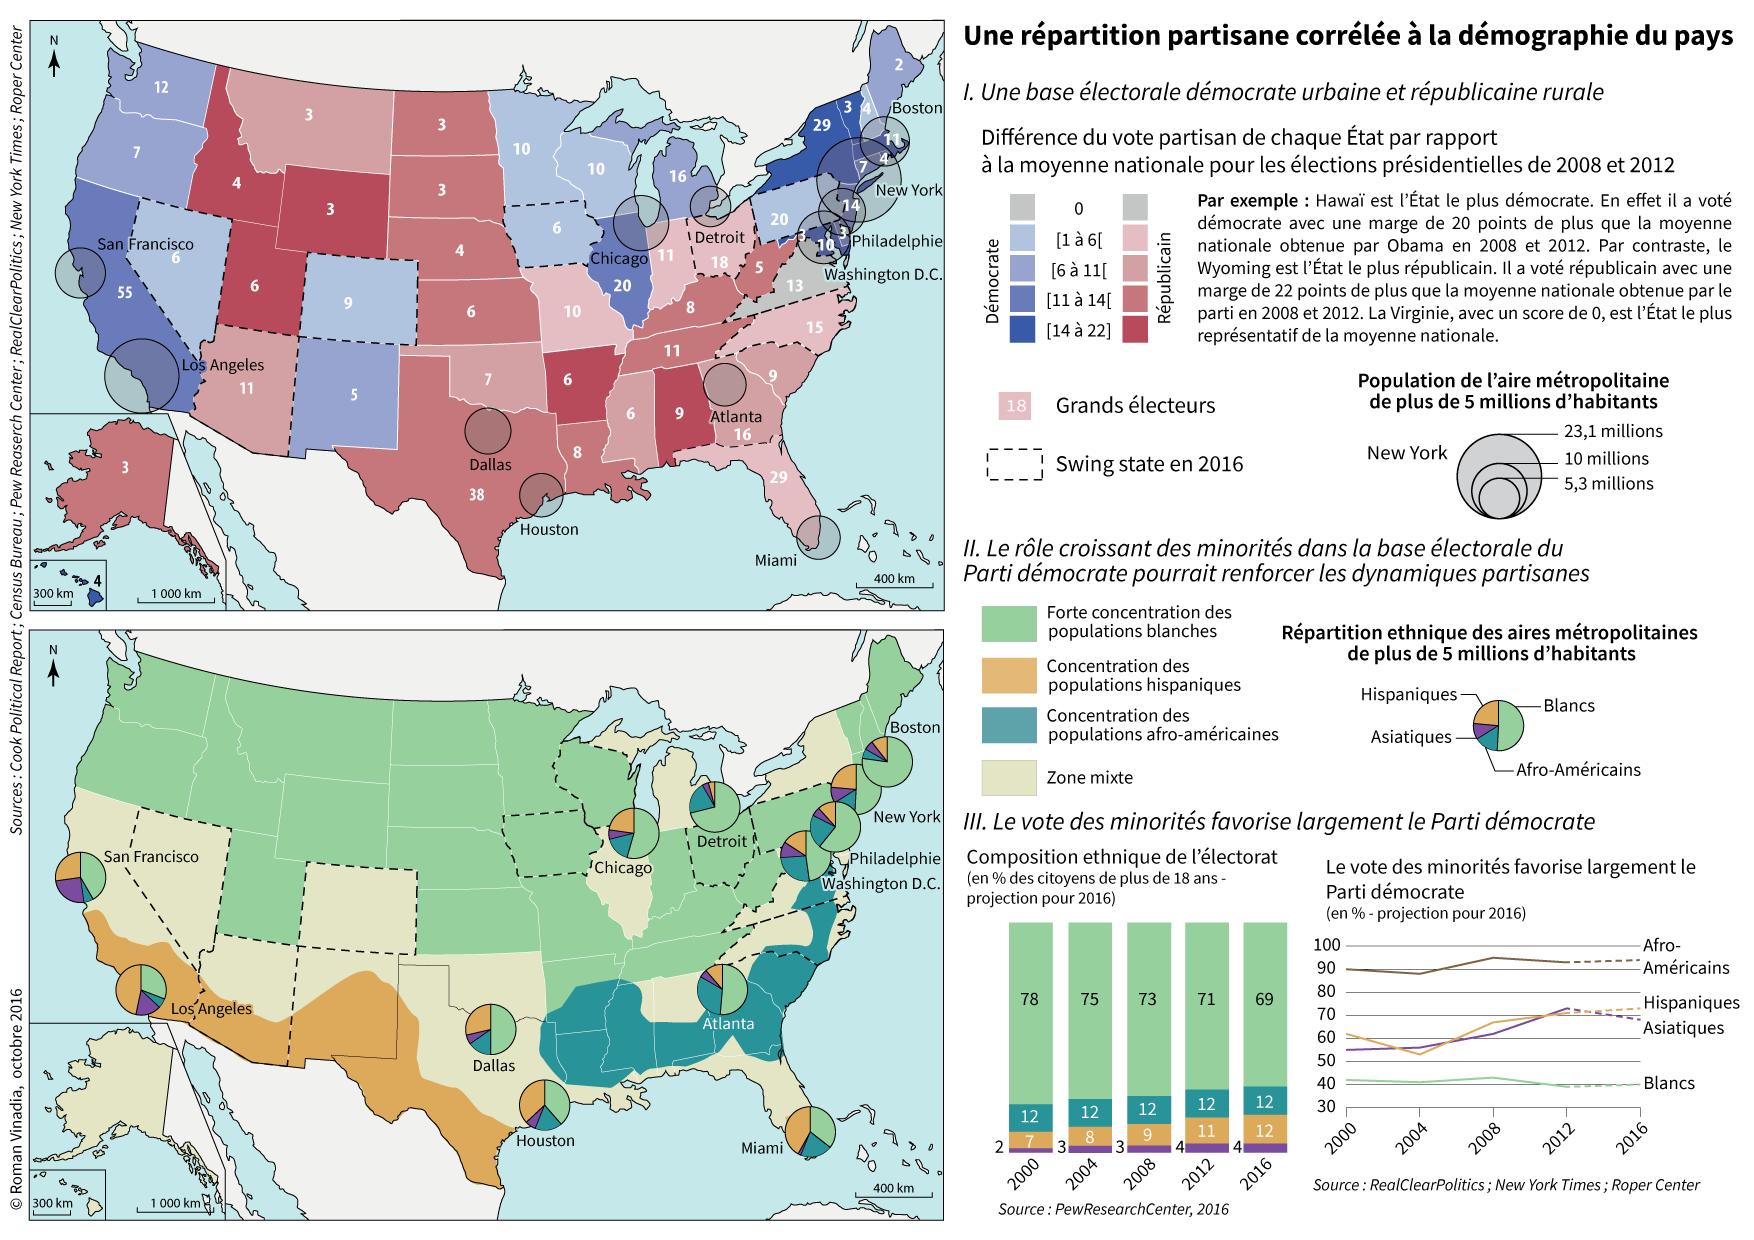 Carte 2    Forces et faiblaisses démographiques